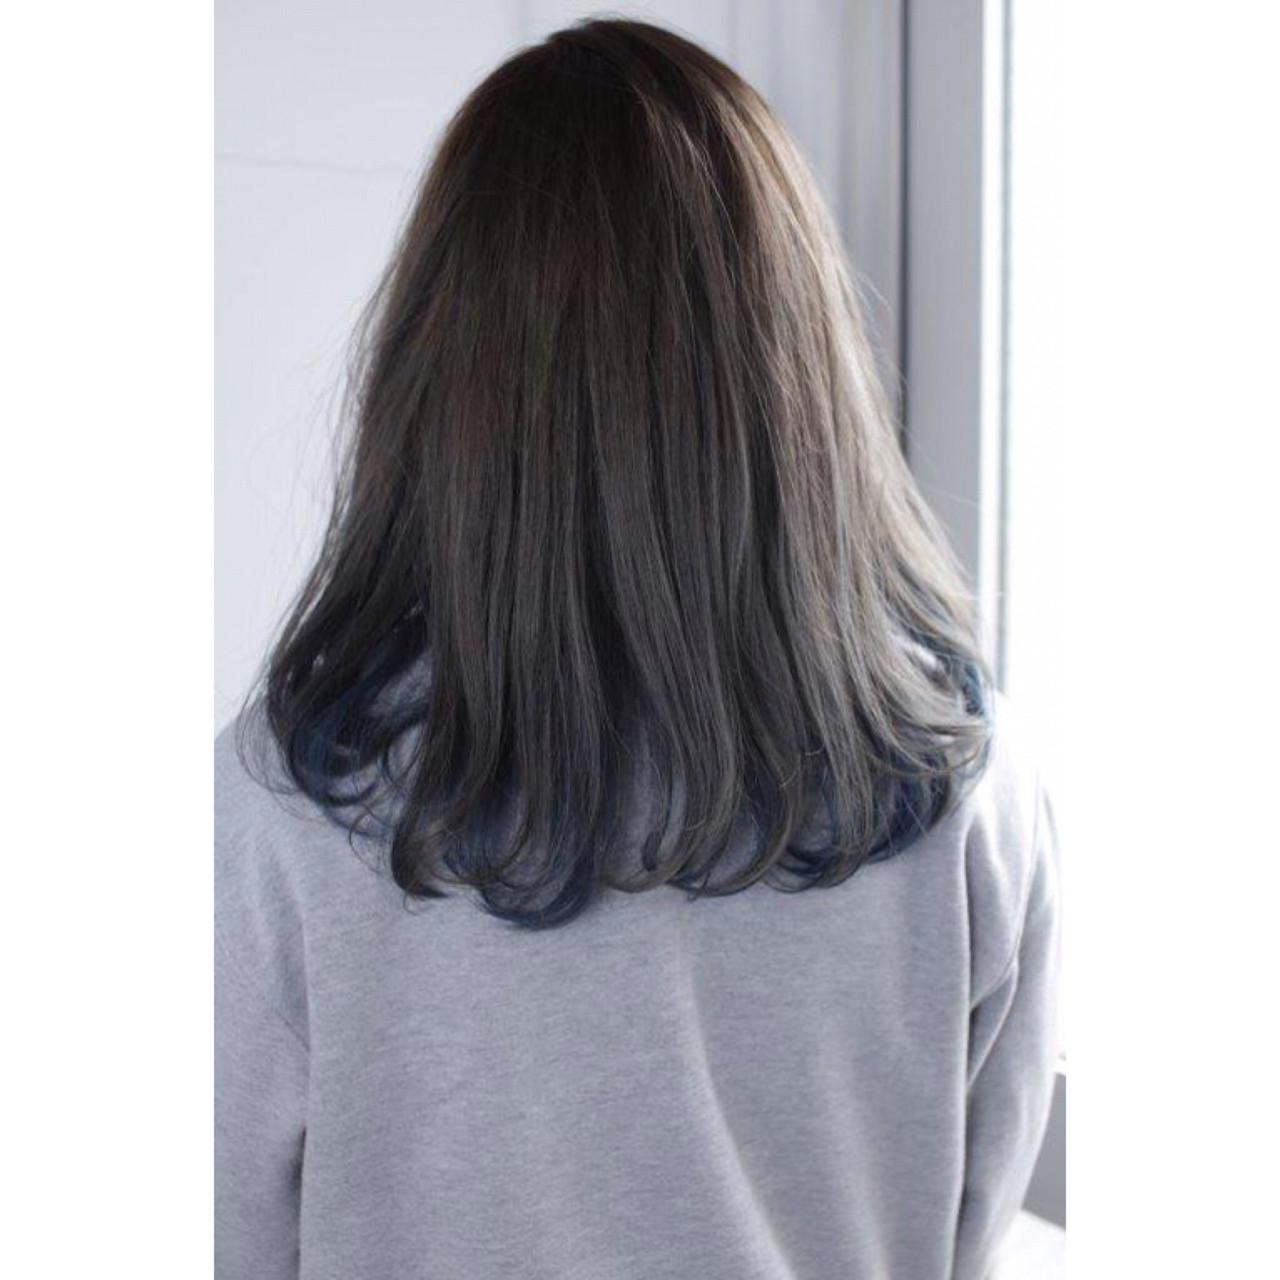 インナーカラー グレー ネイビー ナチュラル ヘアスタイルや髪型の写真・画像 | Yumi Hiramatsu / Sourire Imaizumi【スーリール イマイズミ】